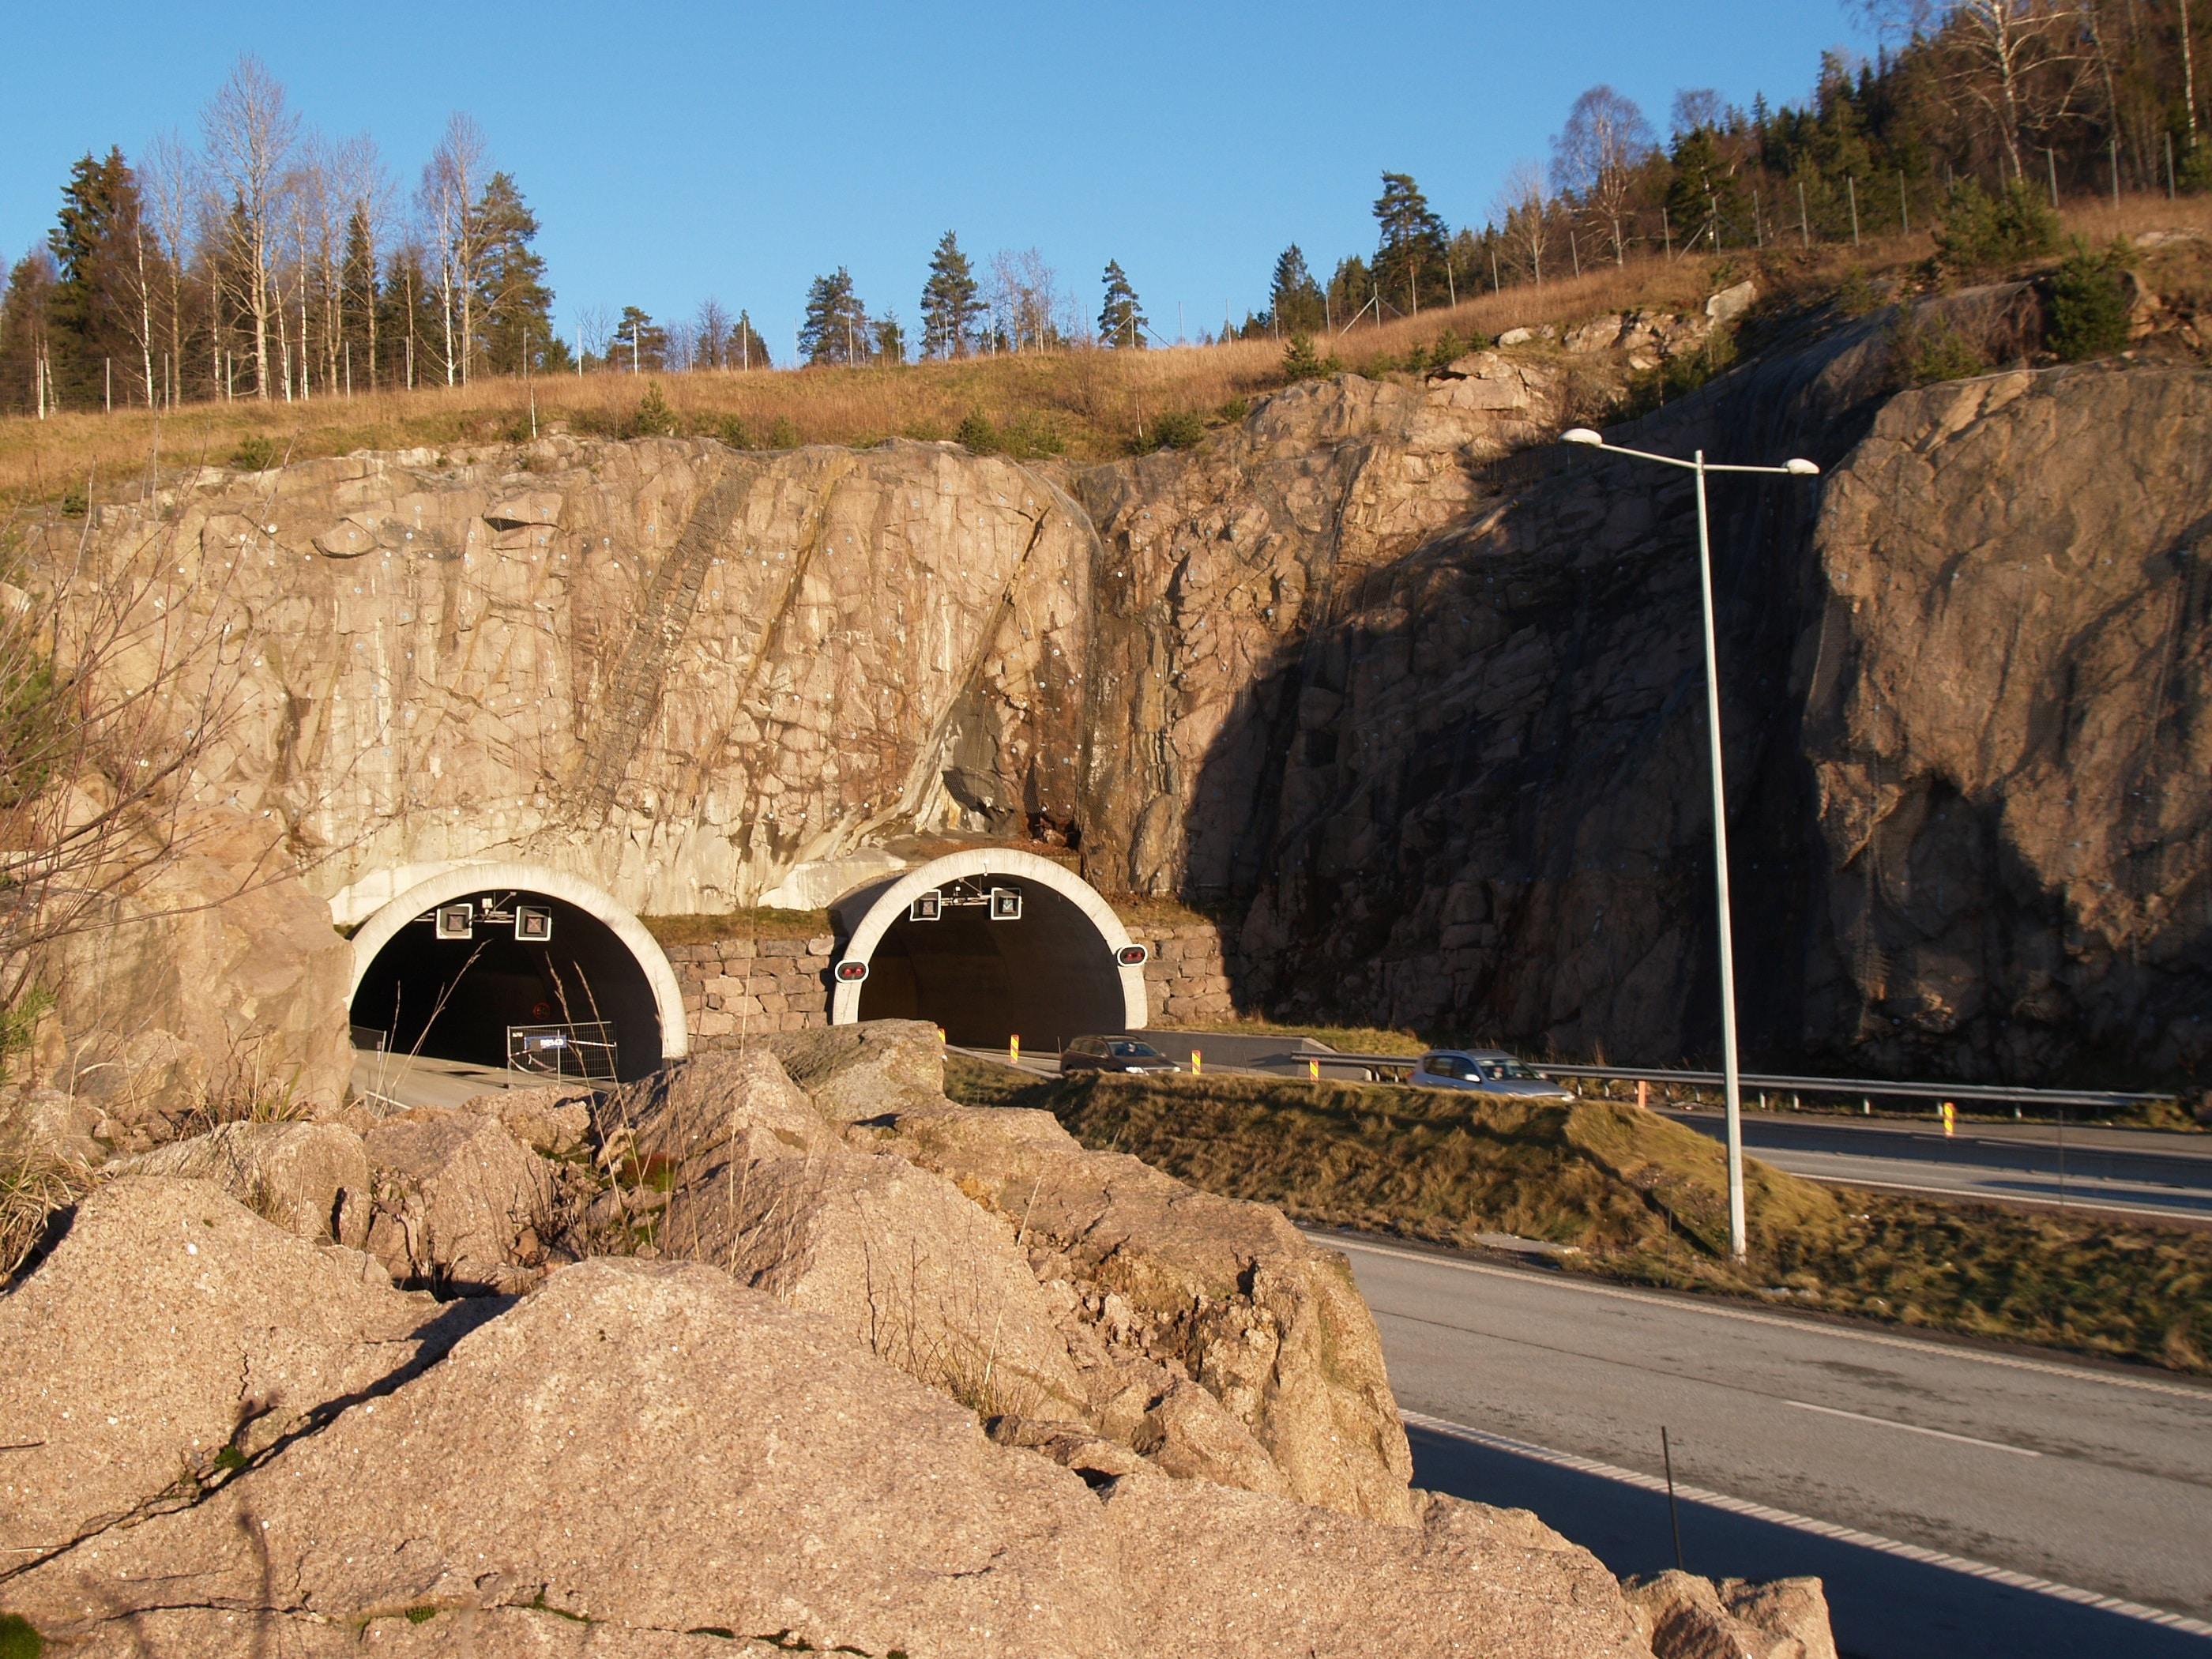 Trafikantene må beregne geologisk risiko